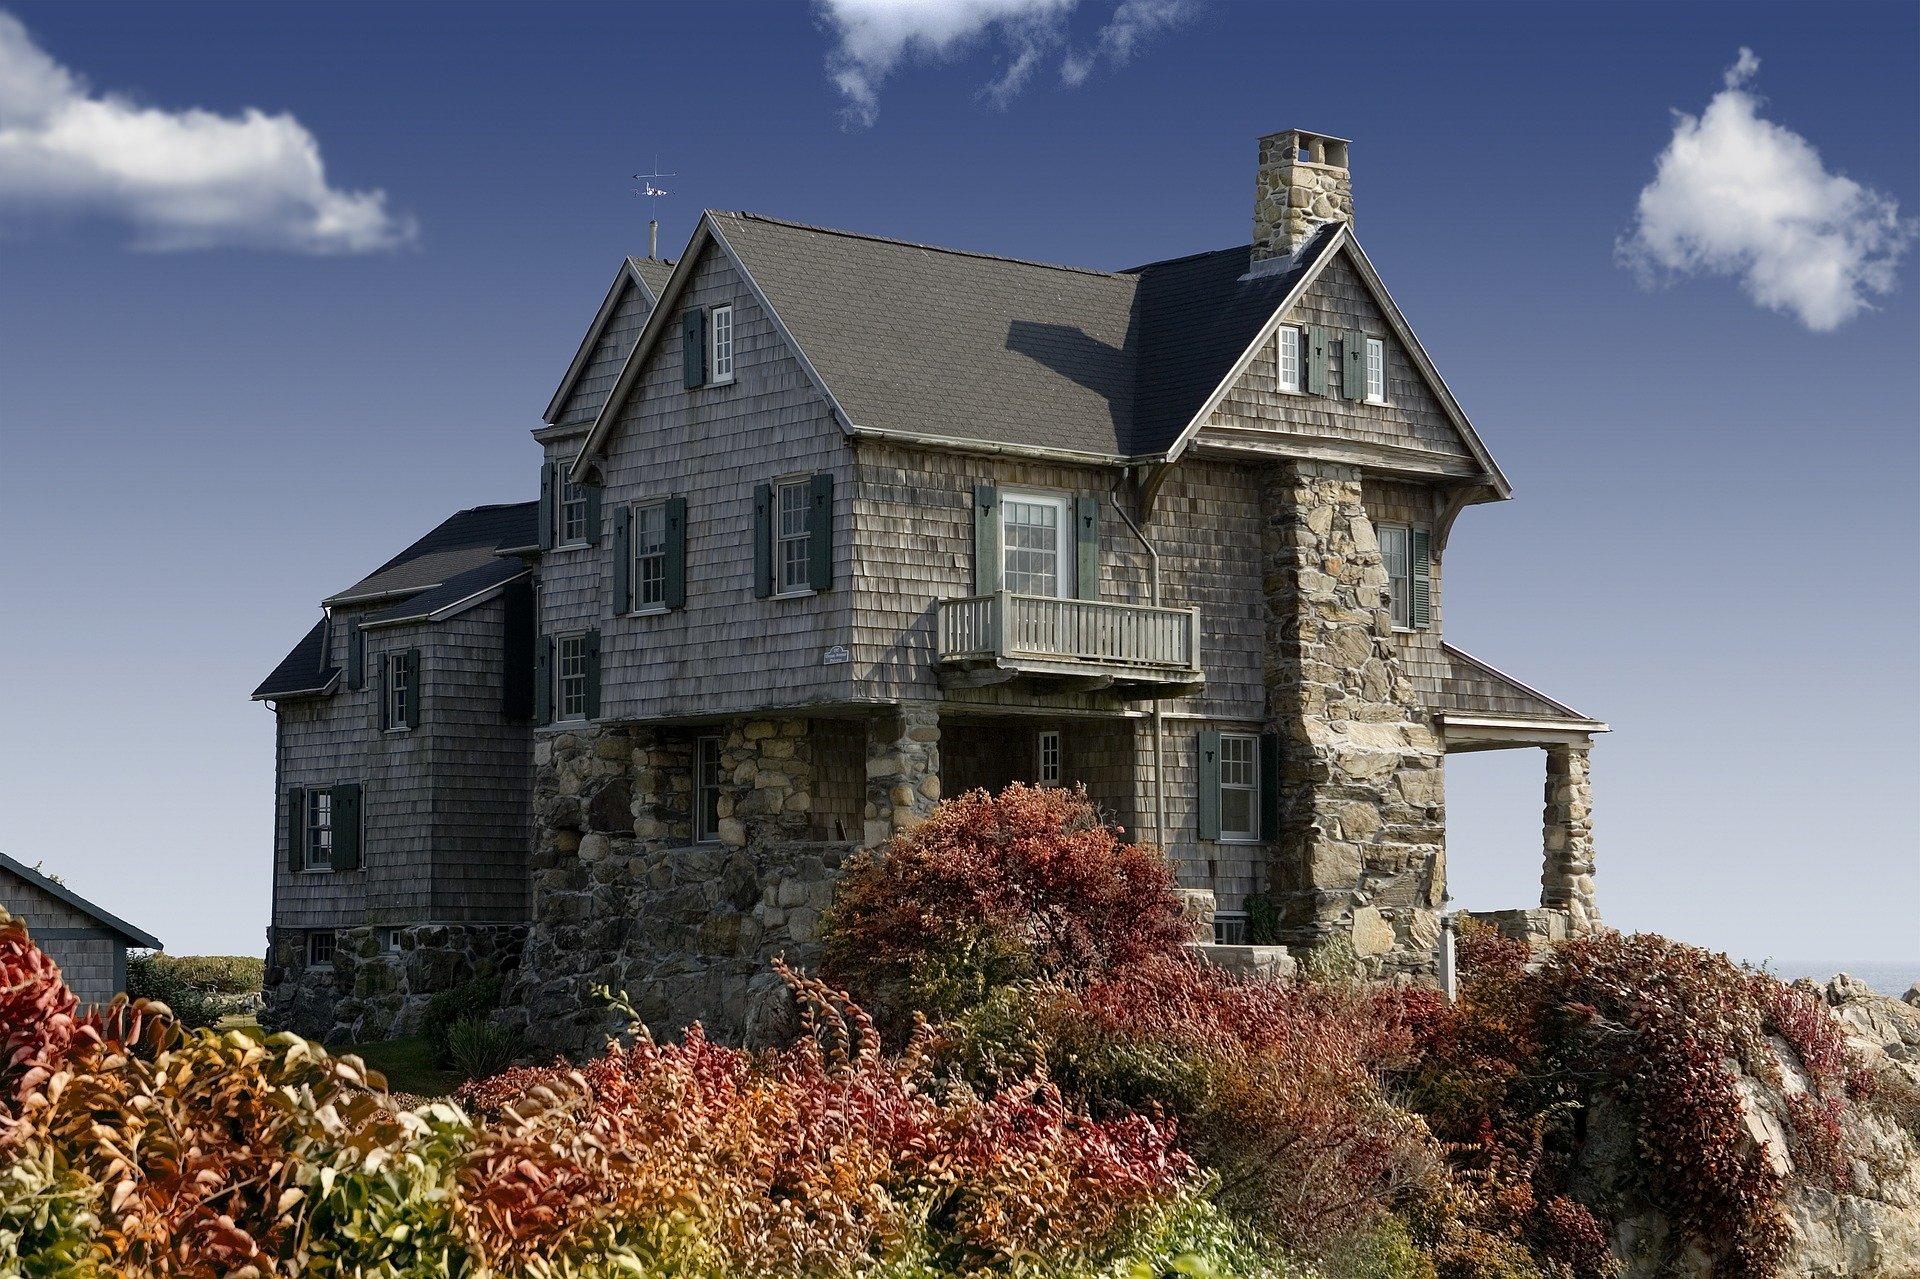 Maison neuve ou déjà construite ?